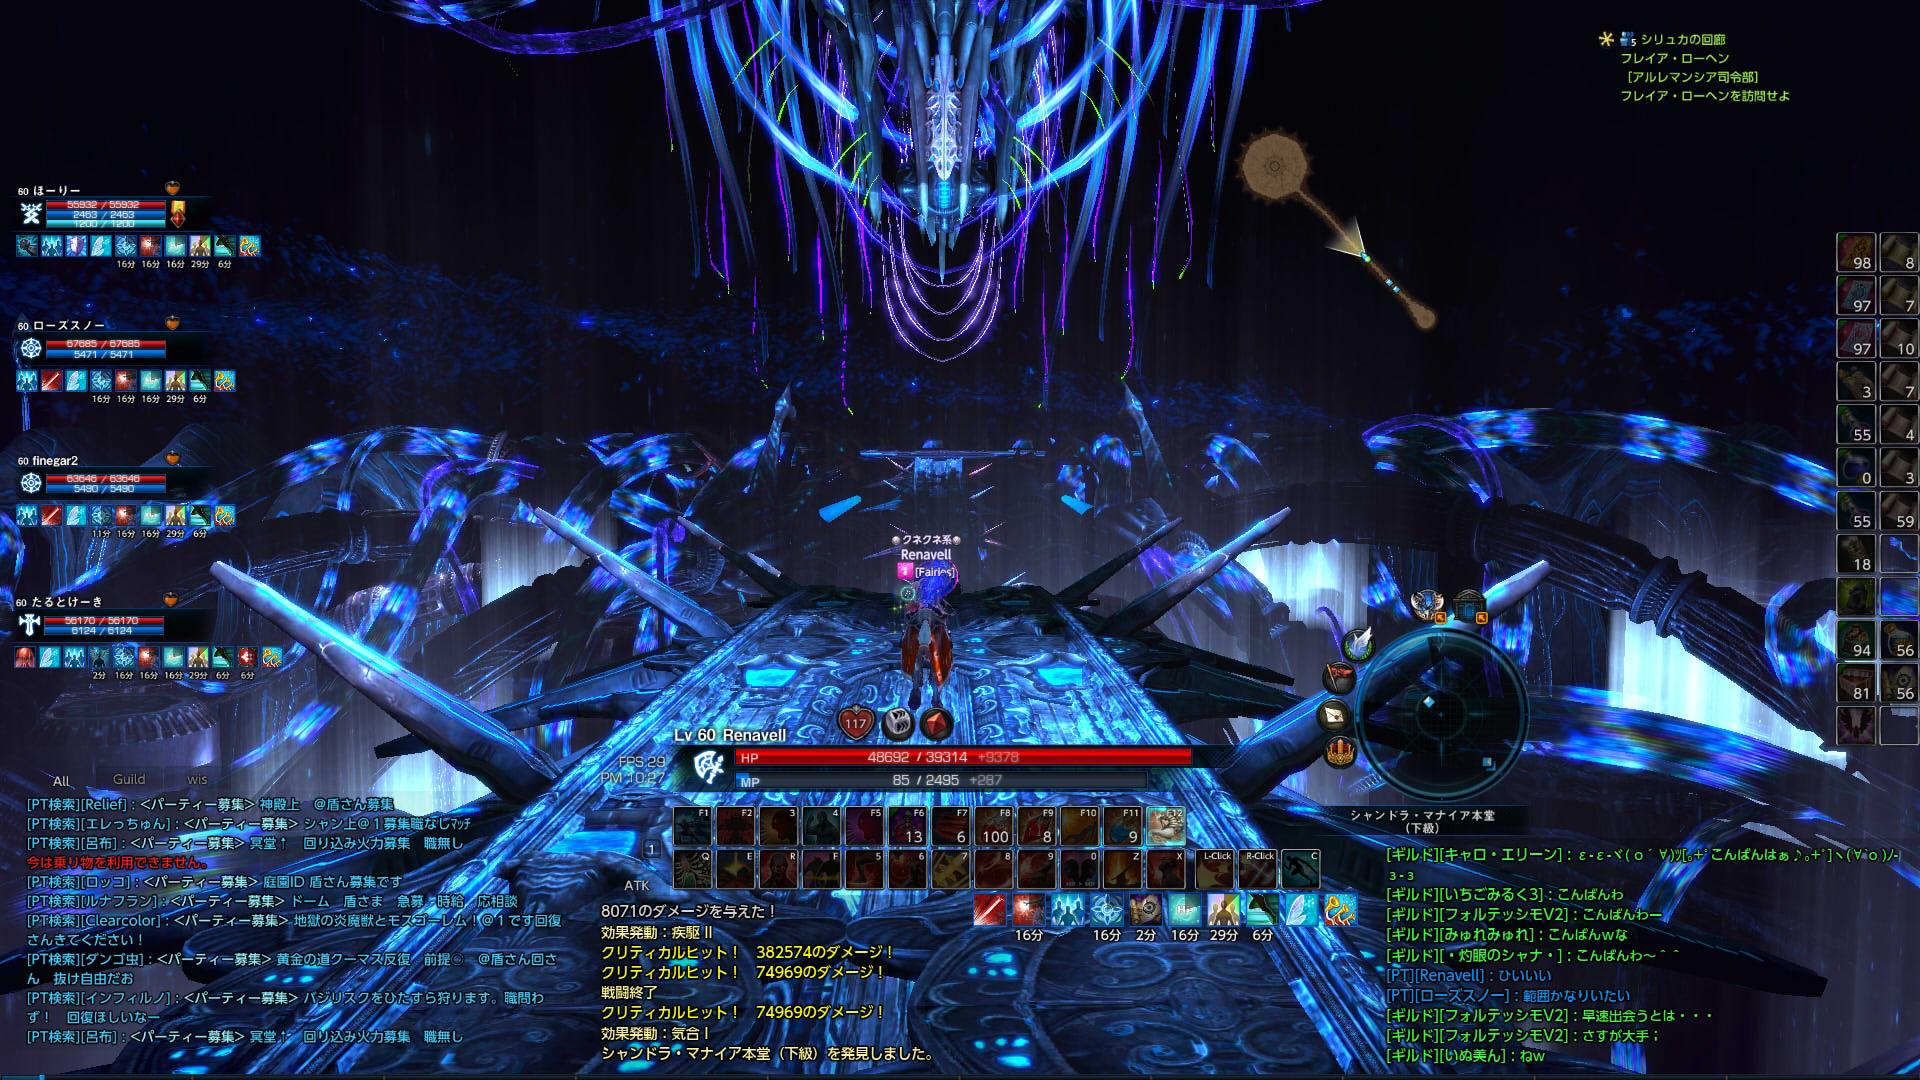 Desktop_2013_01_31_22_27_07_660.jpg